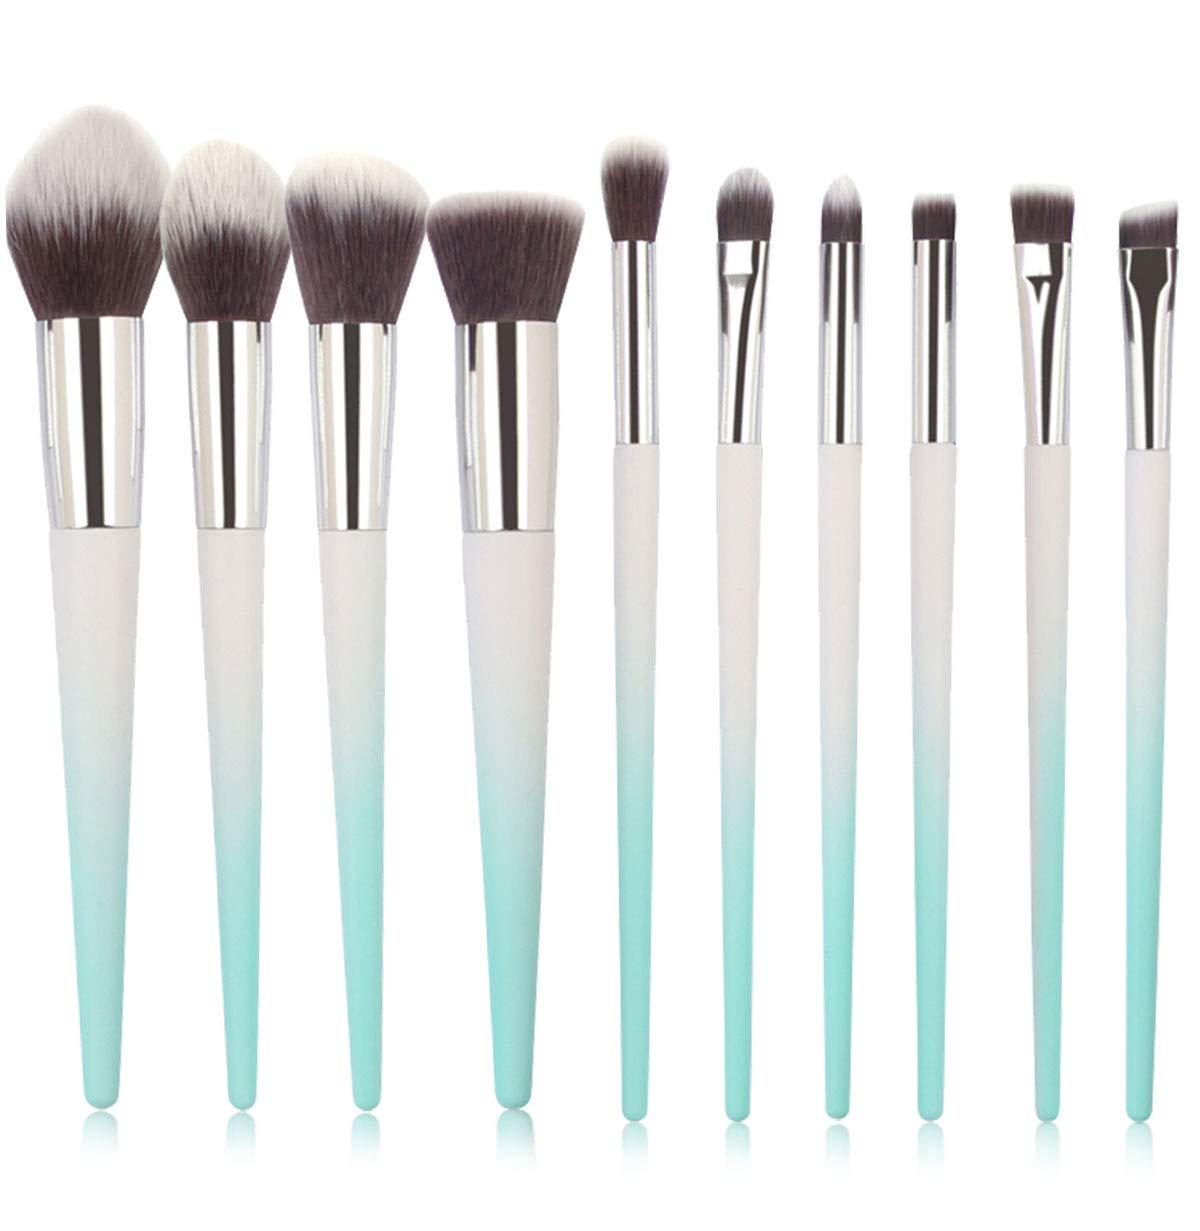 Make up Brushes,Tenmon New 10 Pcs Professional Makeup Brush Set Synthetic Kabuki Face Blush Lip Eyeshadow Eyeliner Foundation Powder Cosmetic Brushes Kit (Blue)